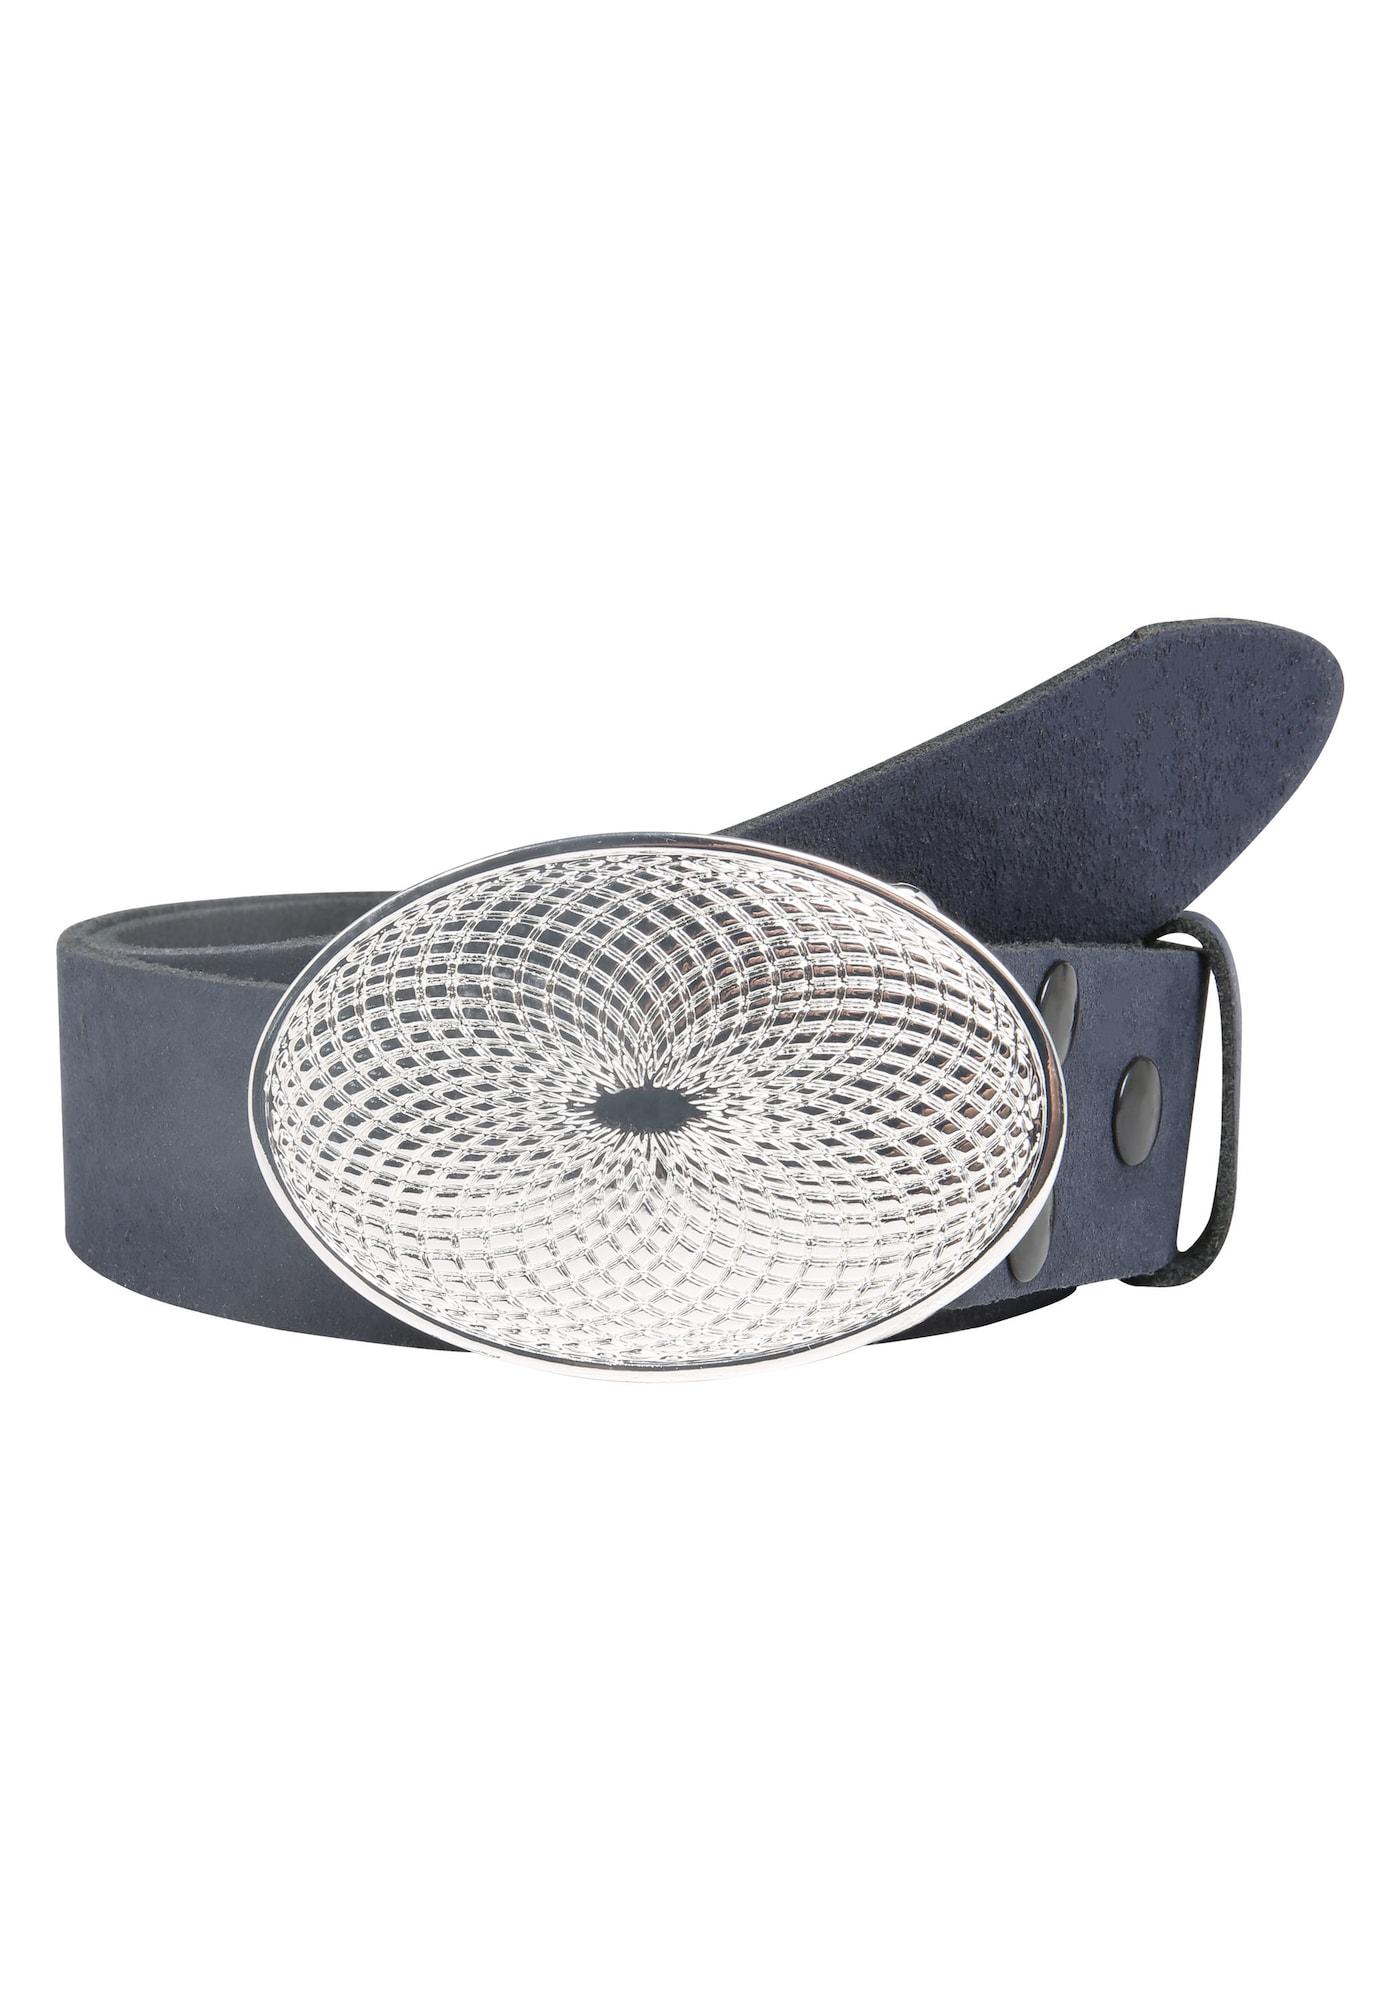 Ledergürtel | Accessoires > Gürtel > Ledergürtel | RETTUNGSRING By Showroom 019°